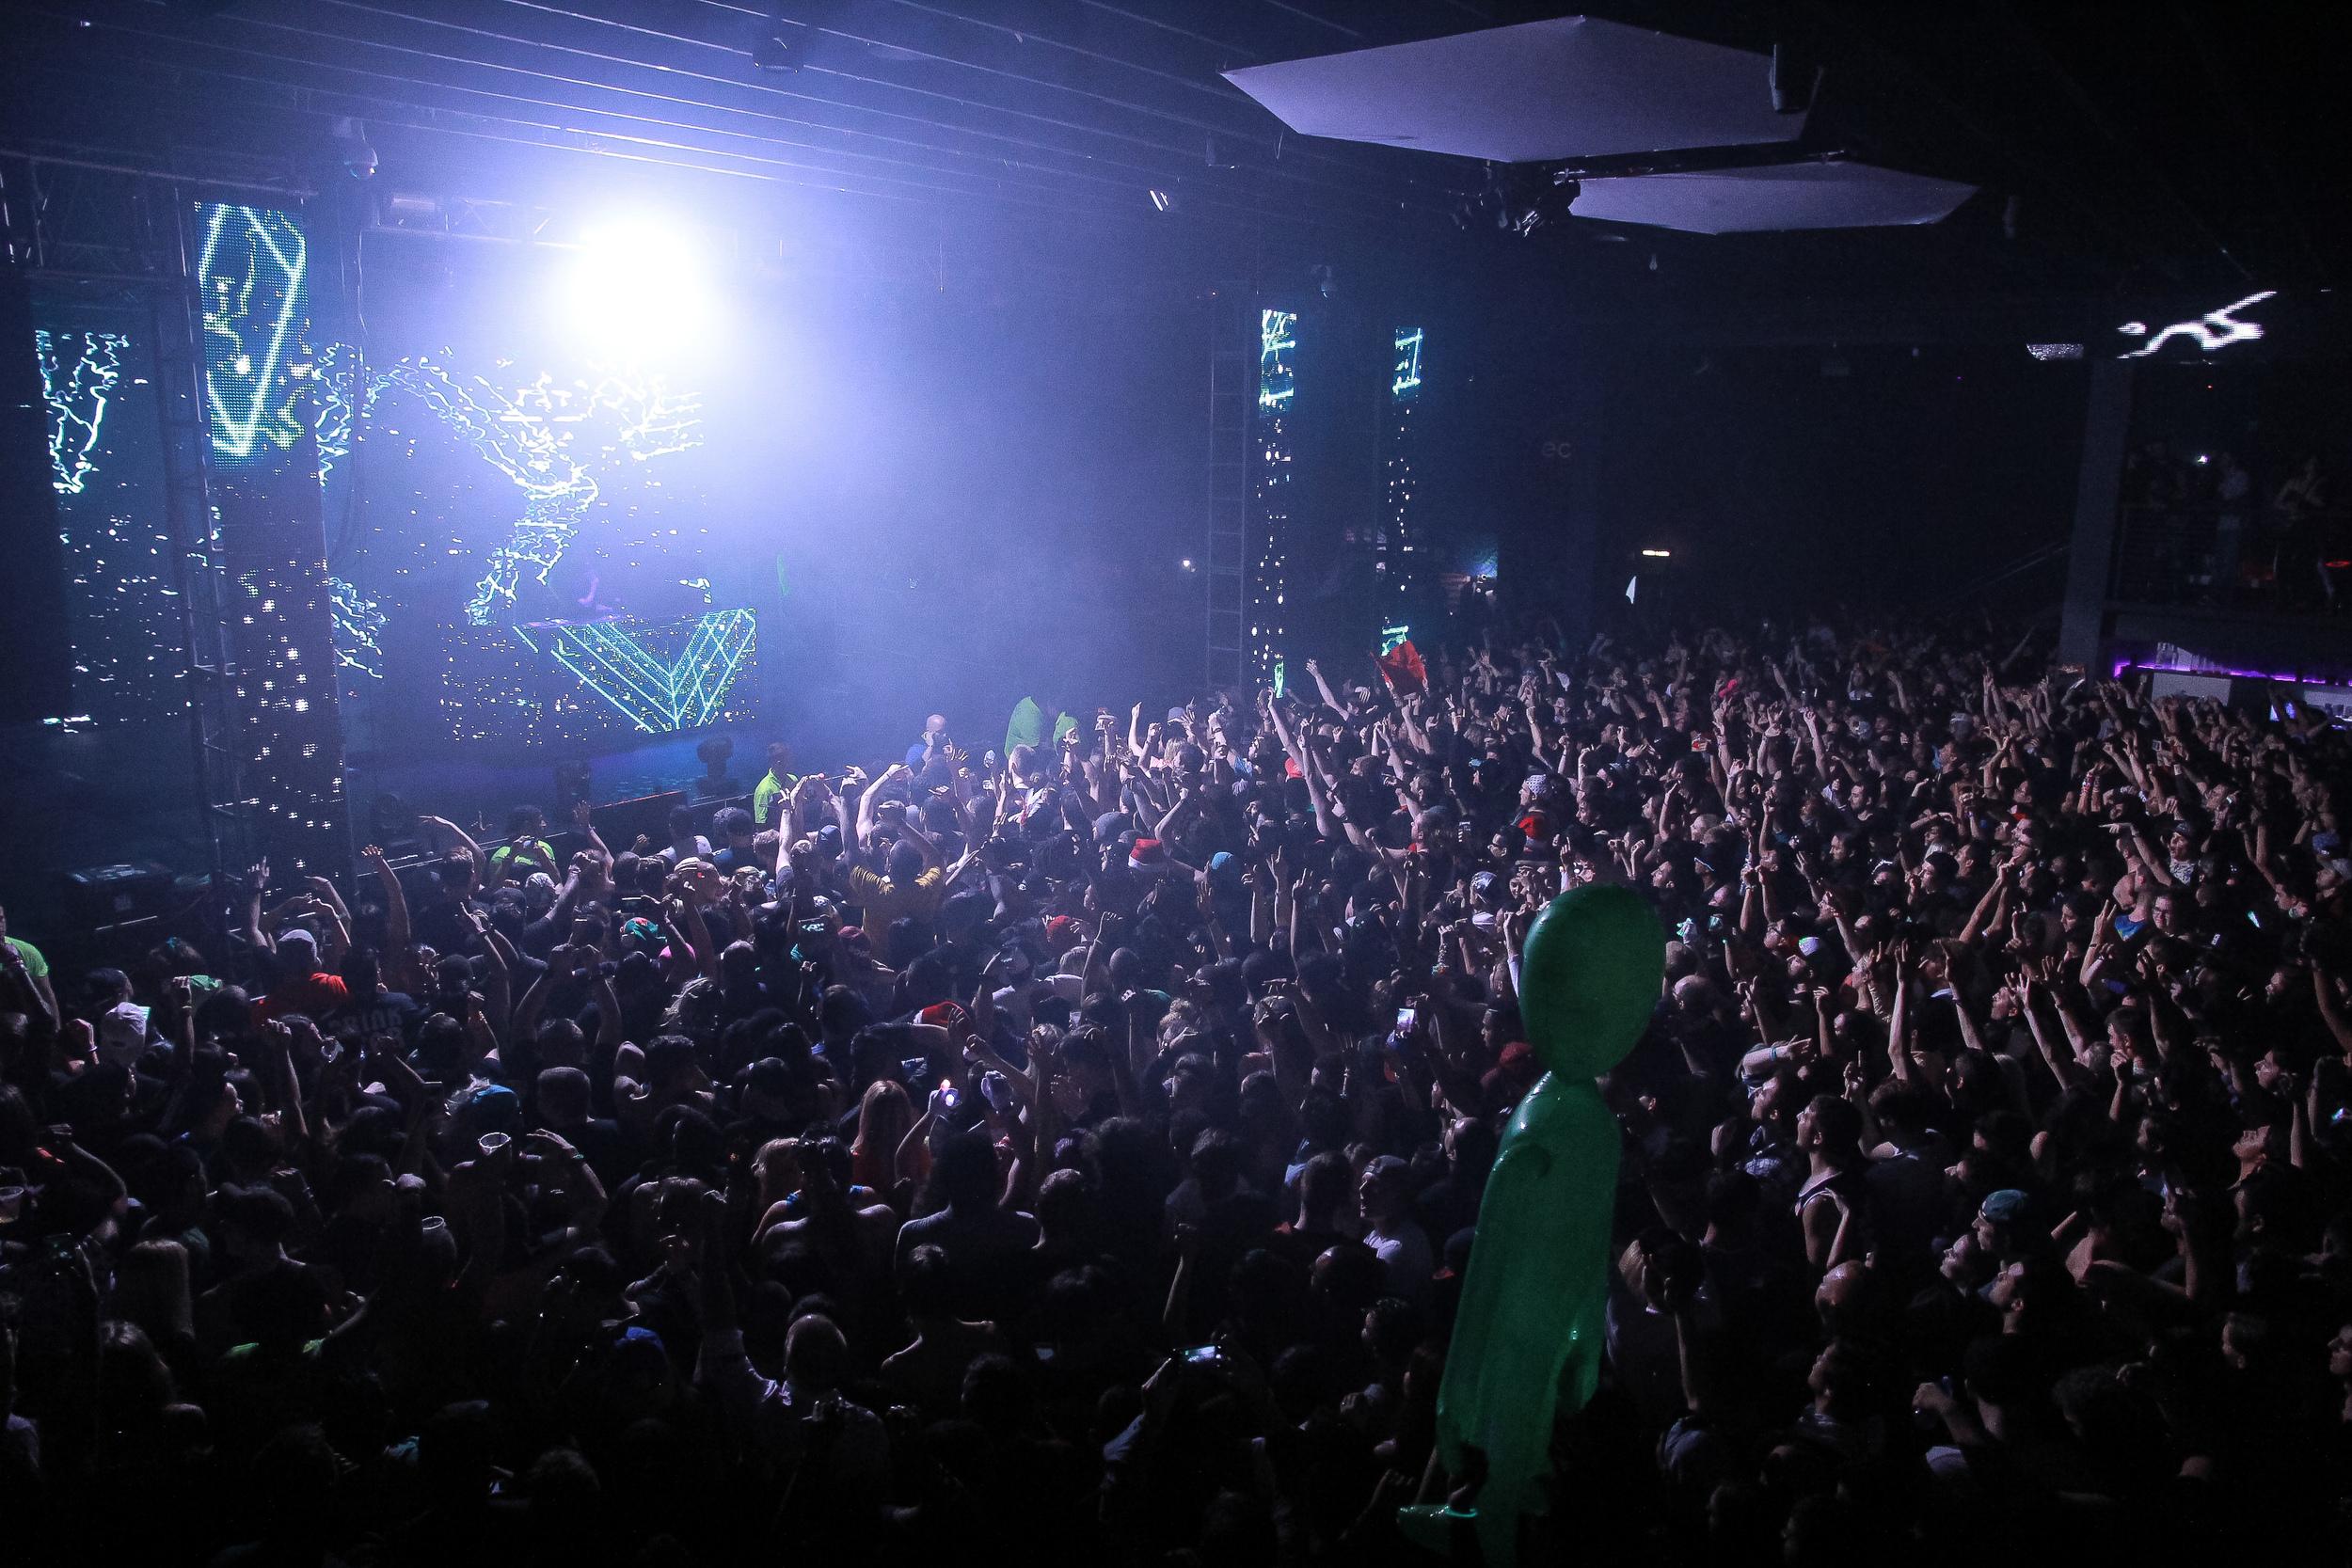 Skrillex at Echostage, Dec 26 2015, in Washington D.C.